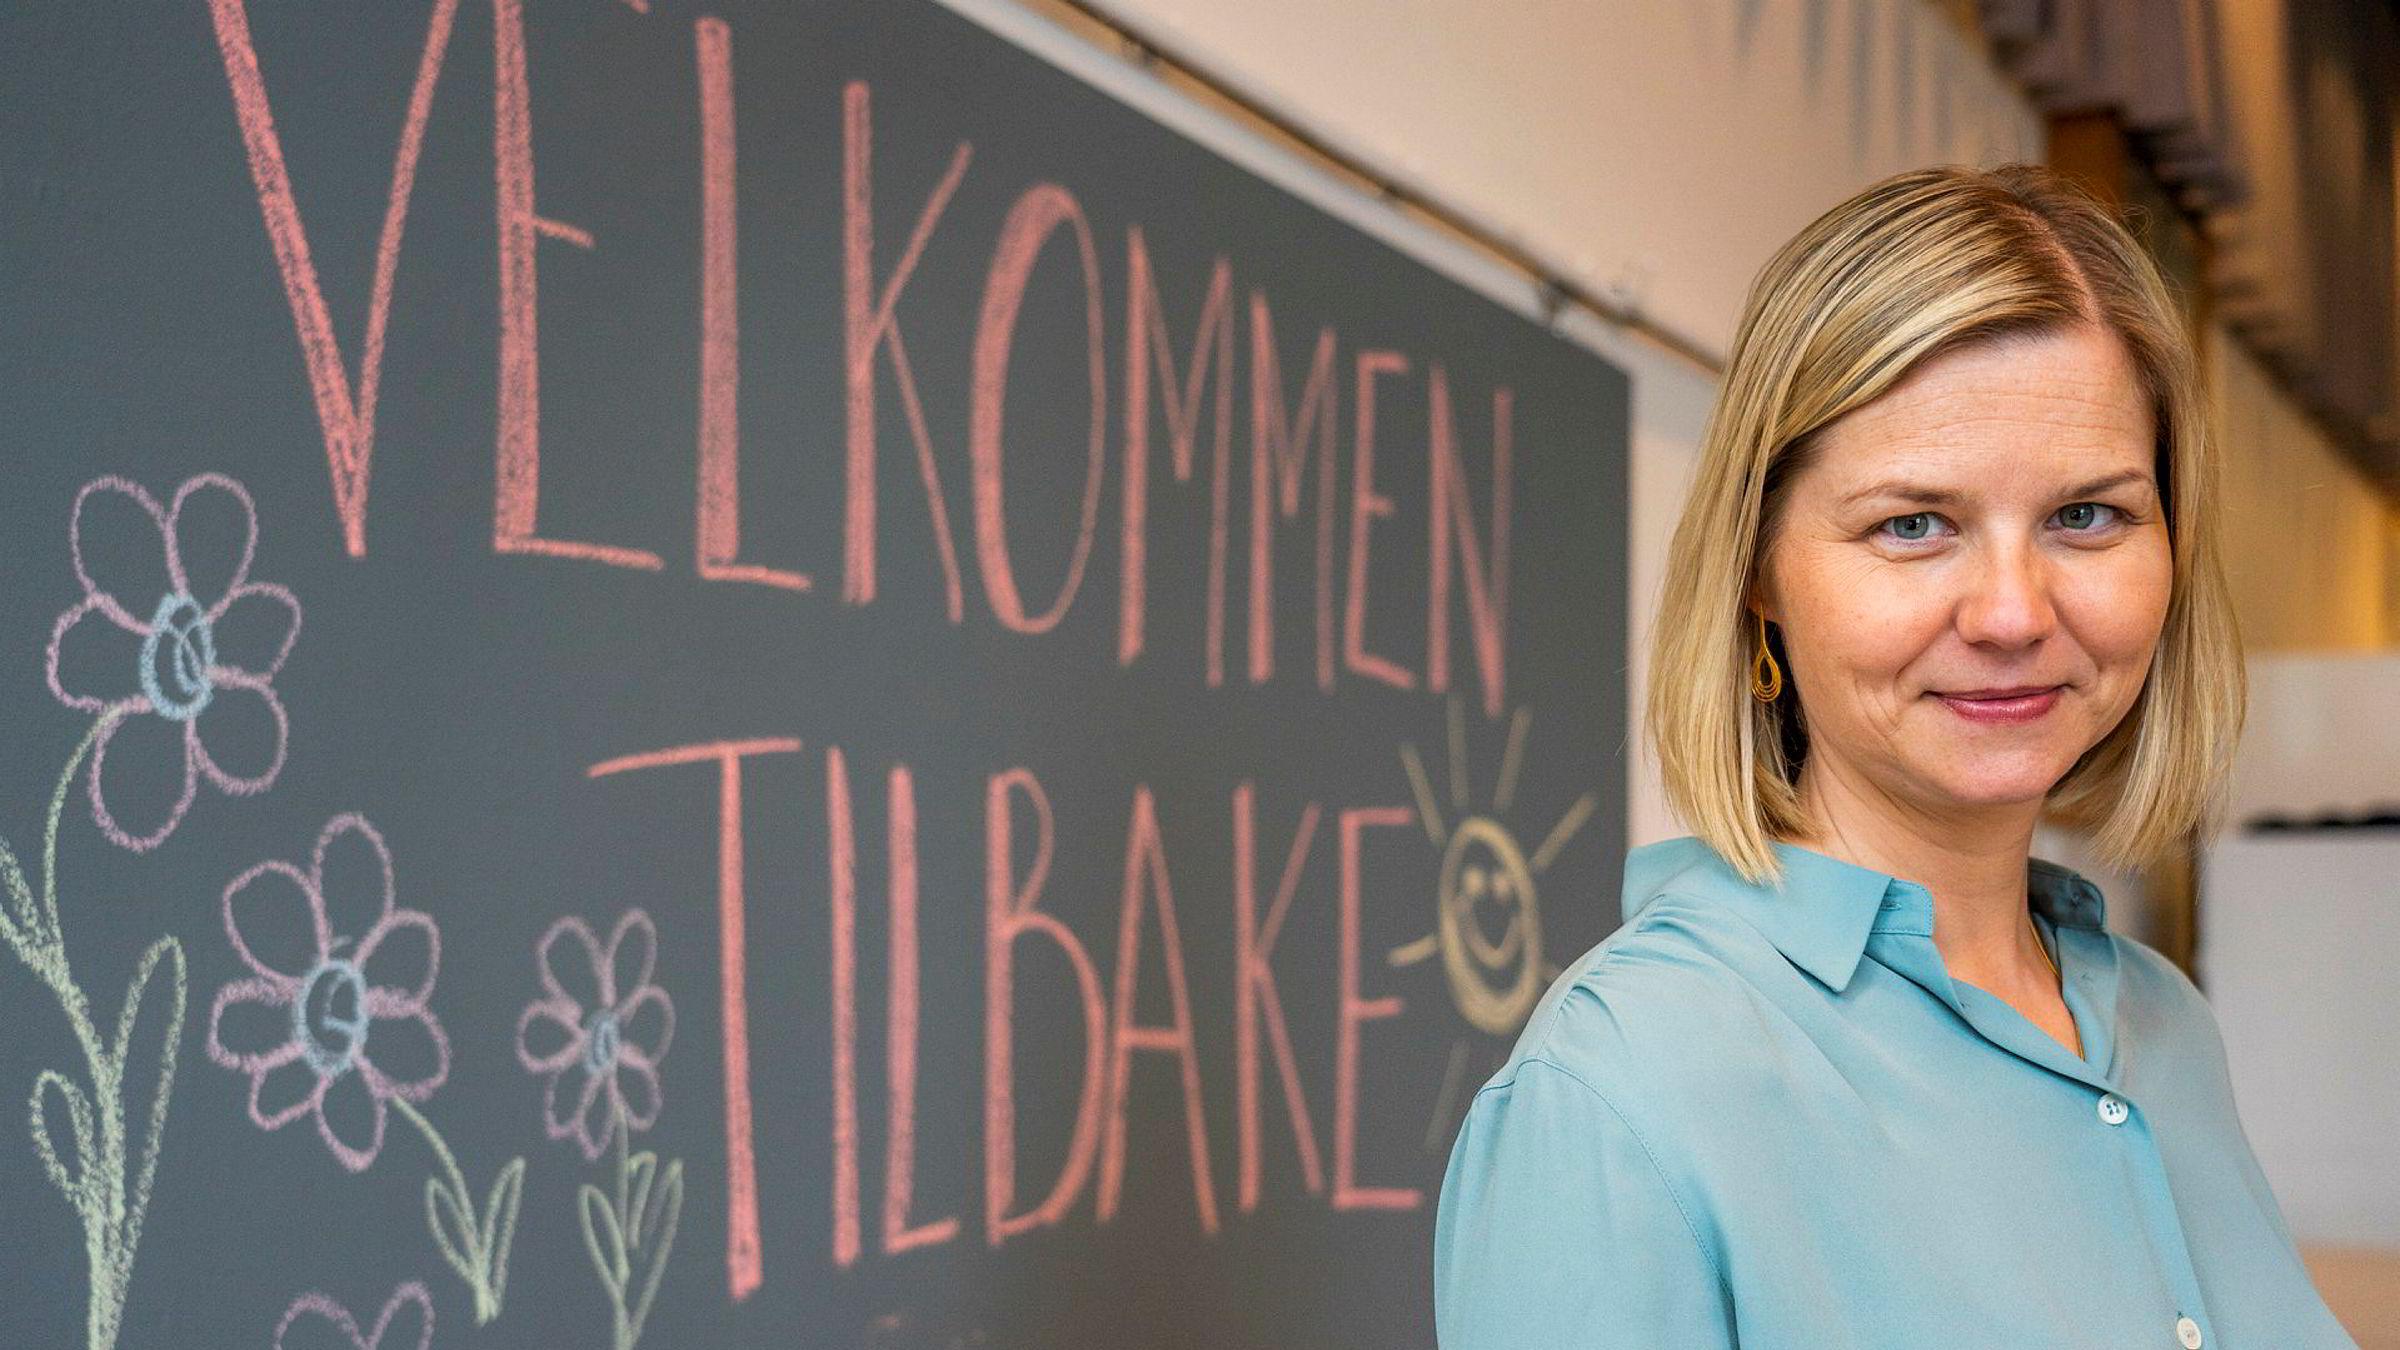 Kunnskapsminister Guri Melby besøkte i forrige uke Ellingsrudåsen skole i Oslo da elever i laveste del av barnetrinnet begynte. Torsdag blir det kjent hvordan den videre åpningen av skolene kan foregå.